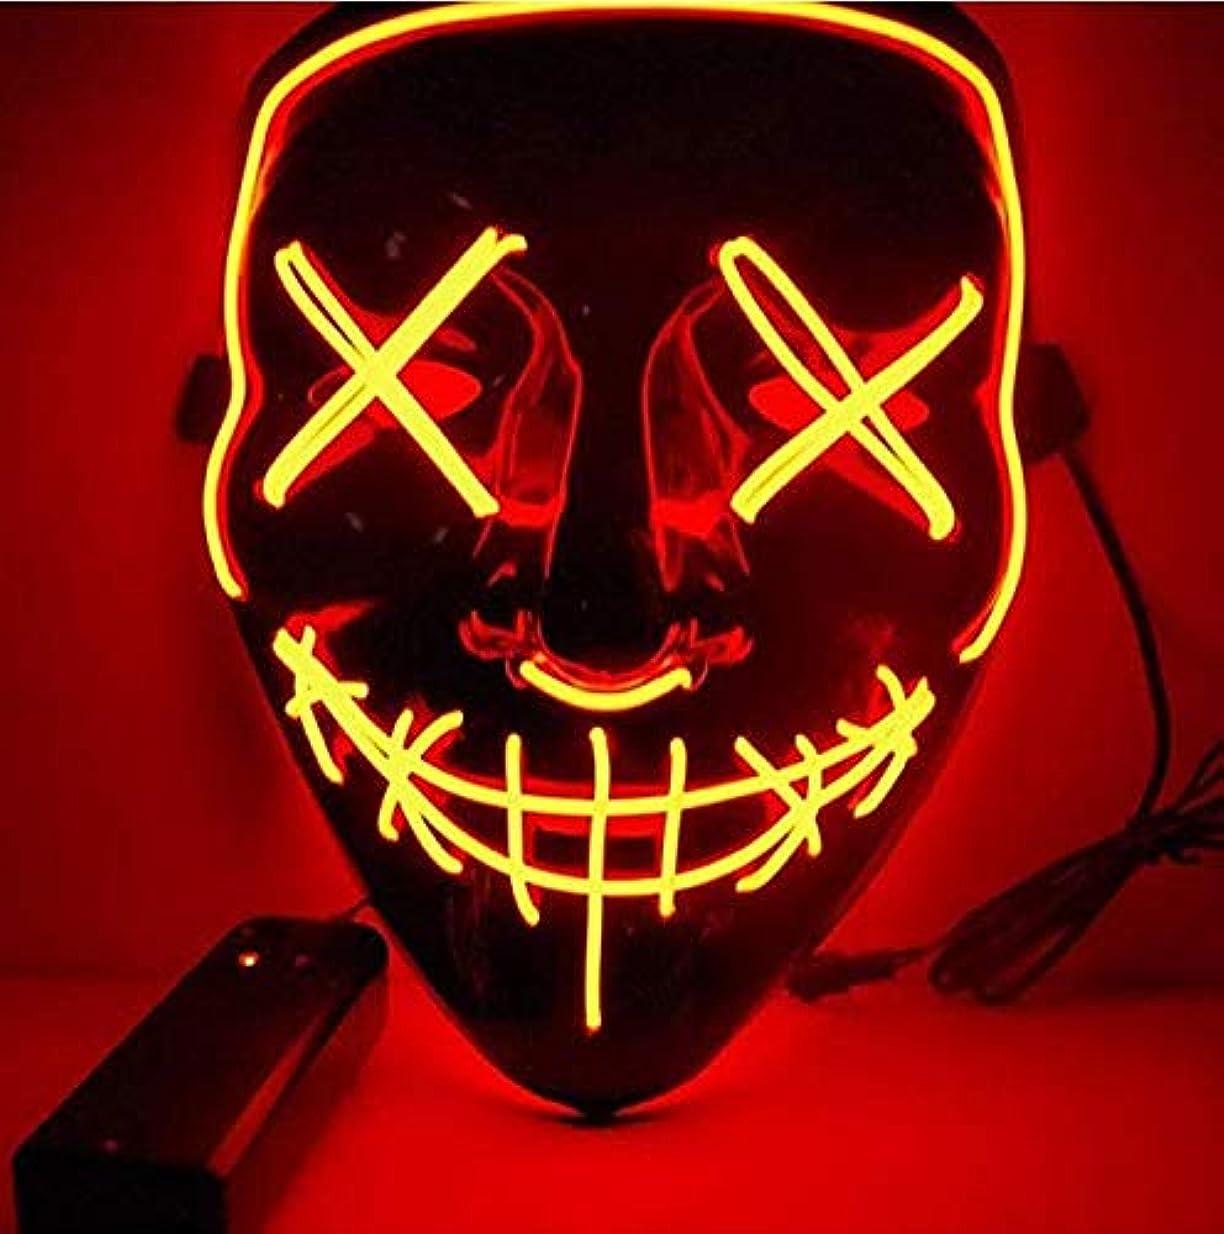 ラフカートリッジからハロウィンマスクLEDライトアップパーティーマスクコスプレコスチュームサプライ暗闇で光る (Color : ORANGE)